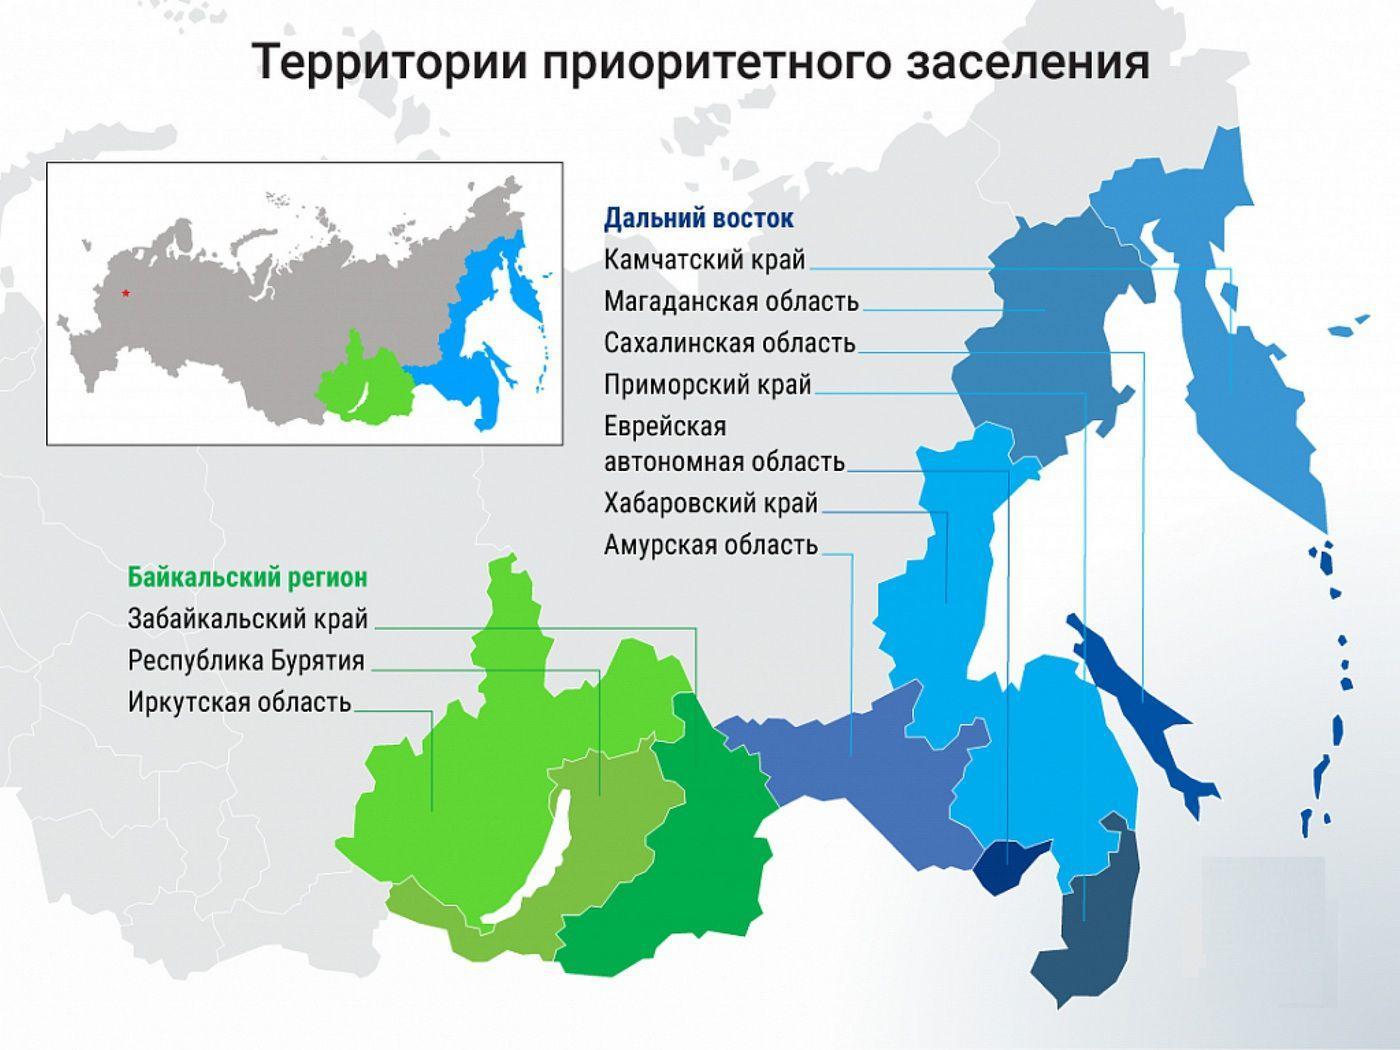 Камчатский край - территория приоритетного заселения для соотечественников переселенцев